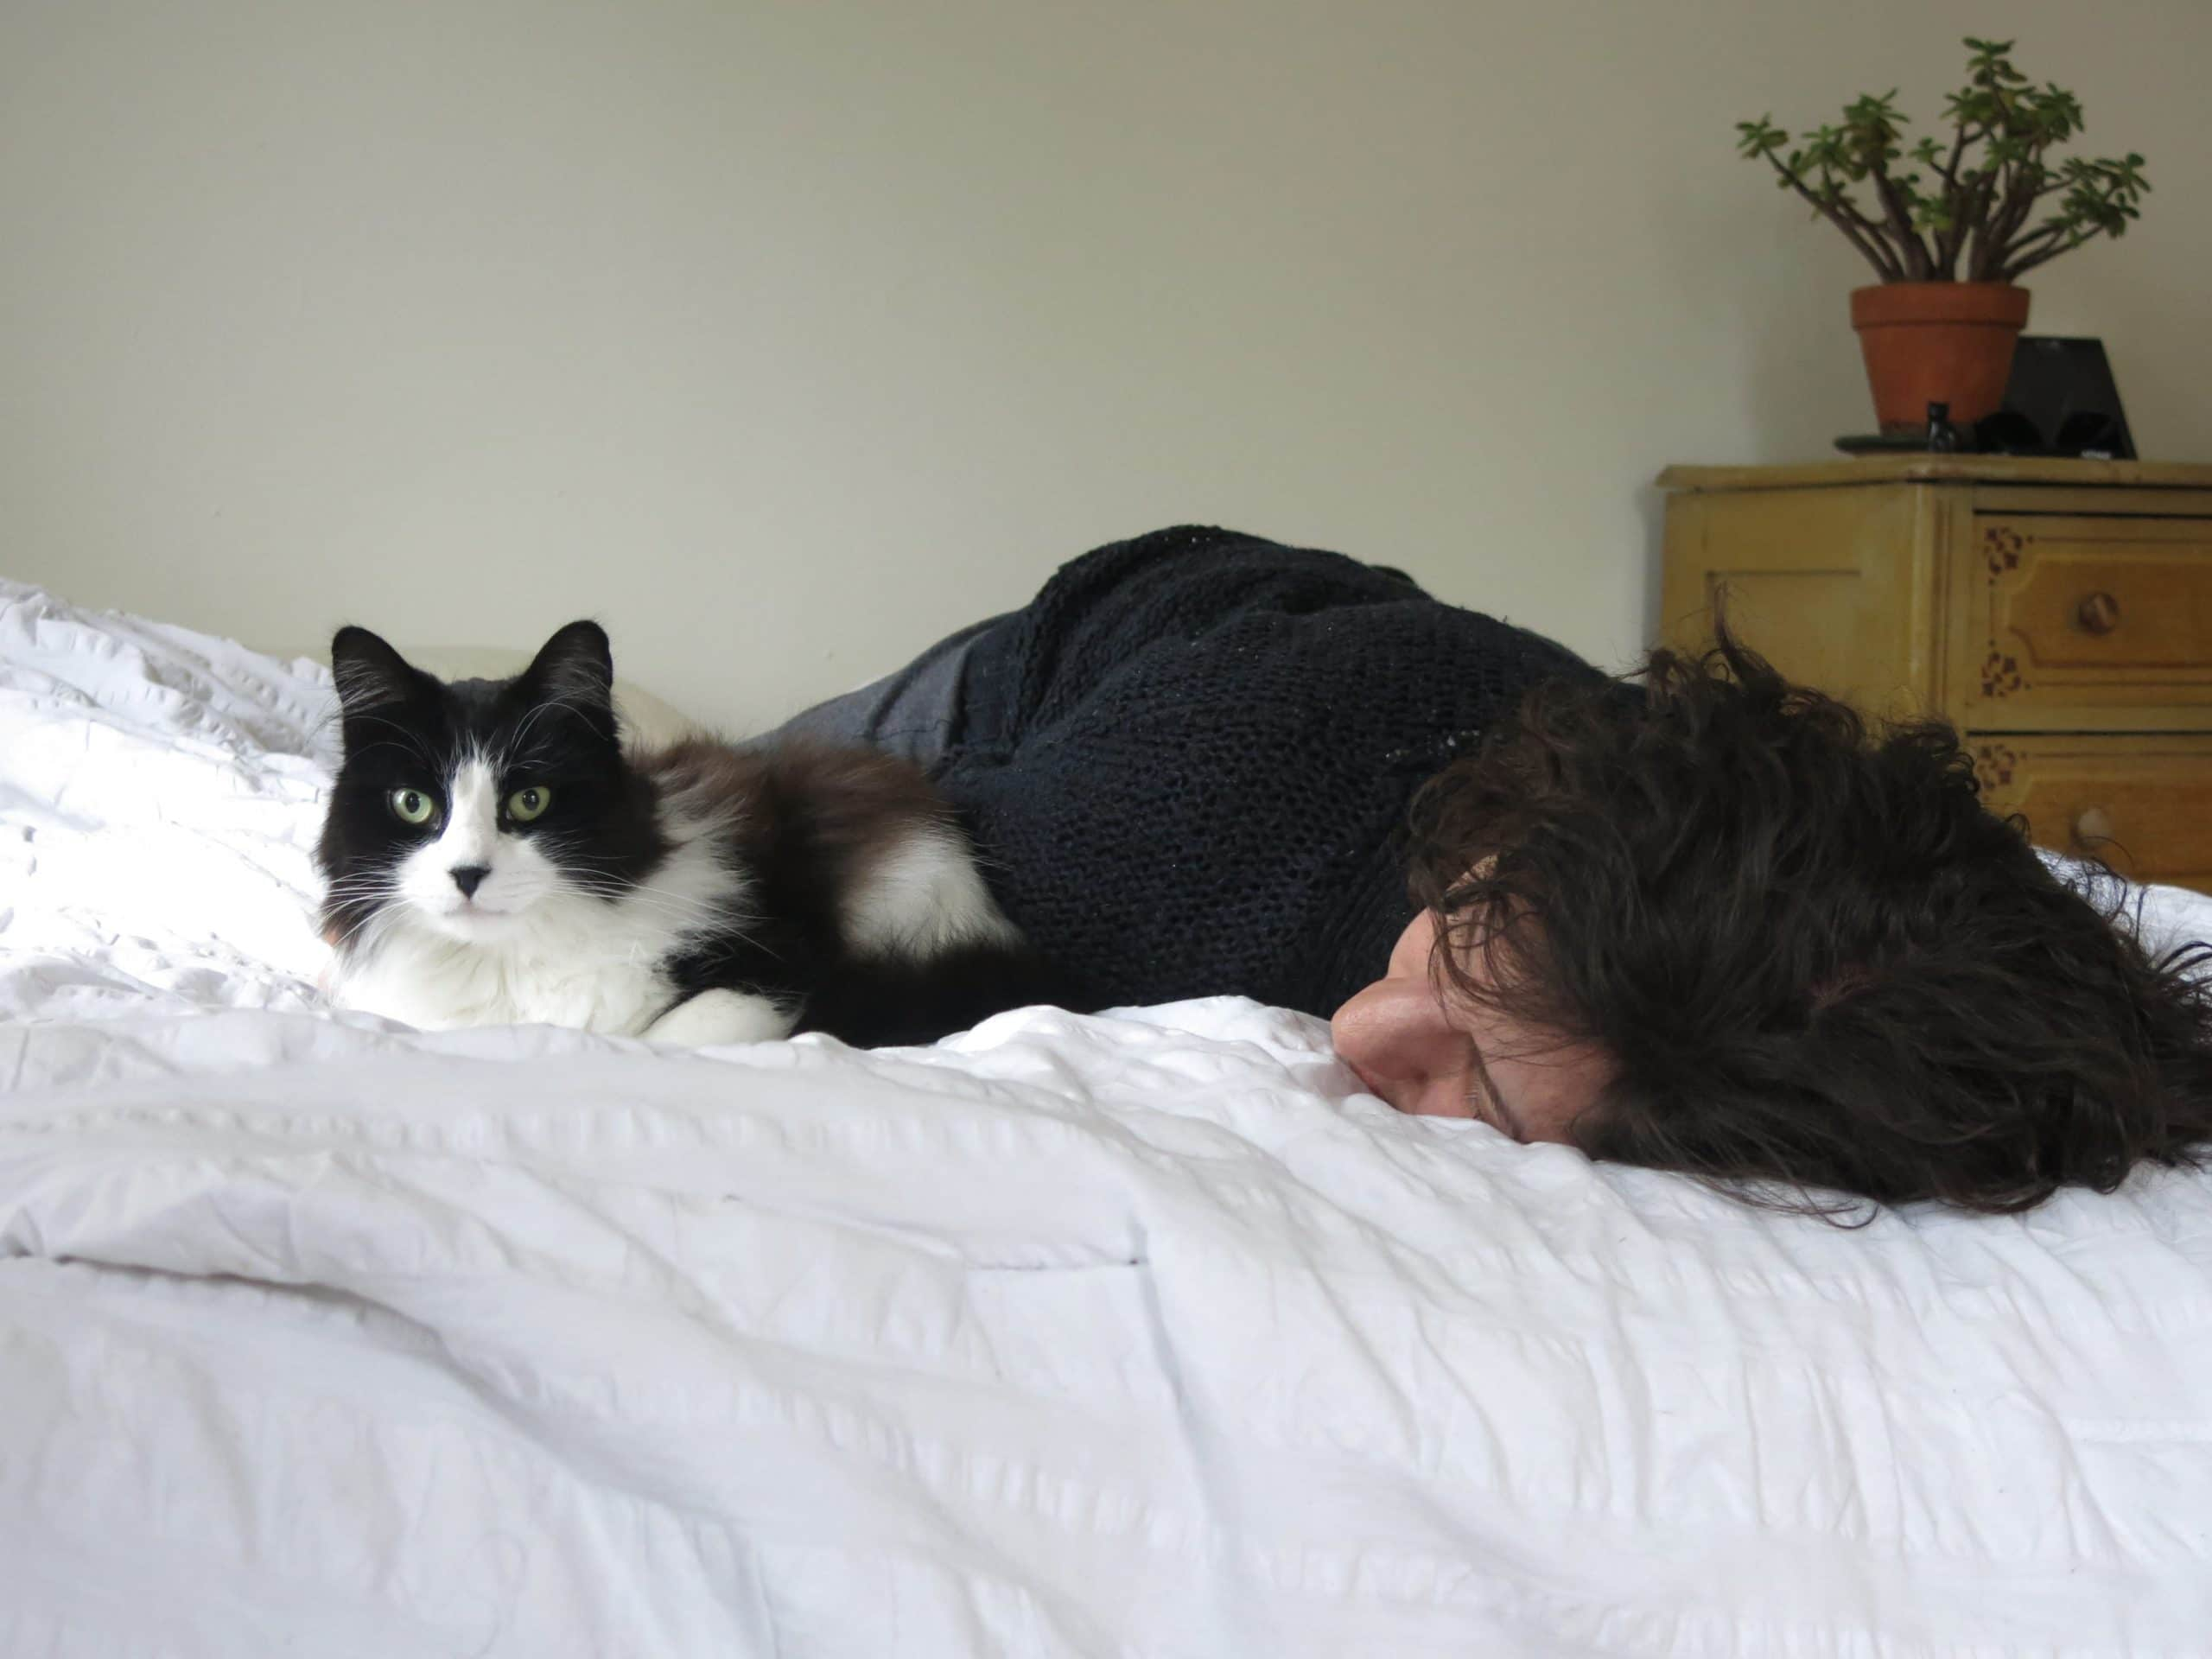 Gato y humano en la cama